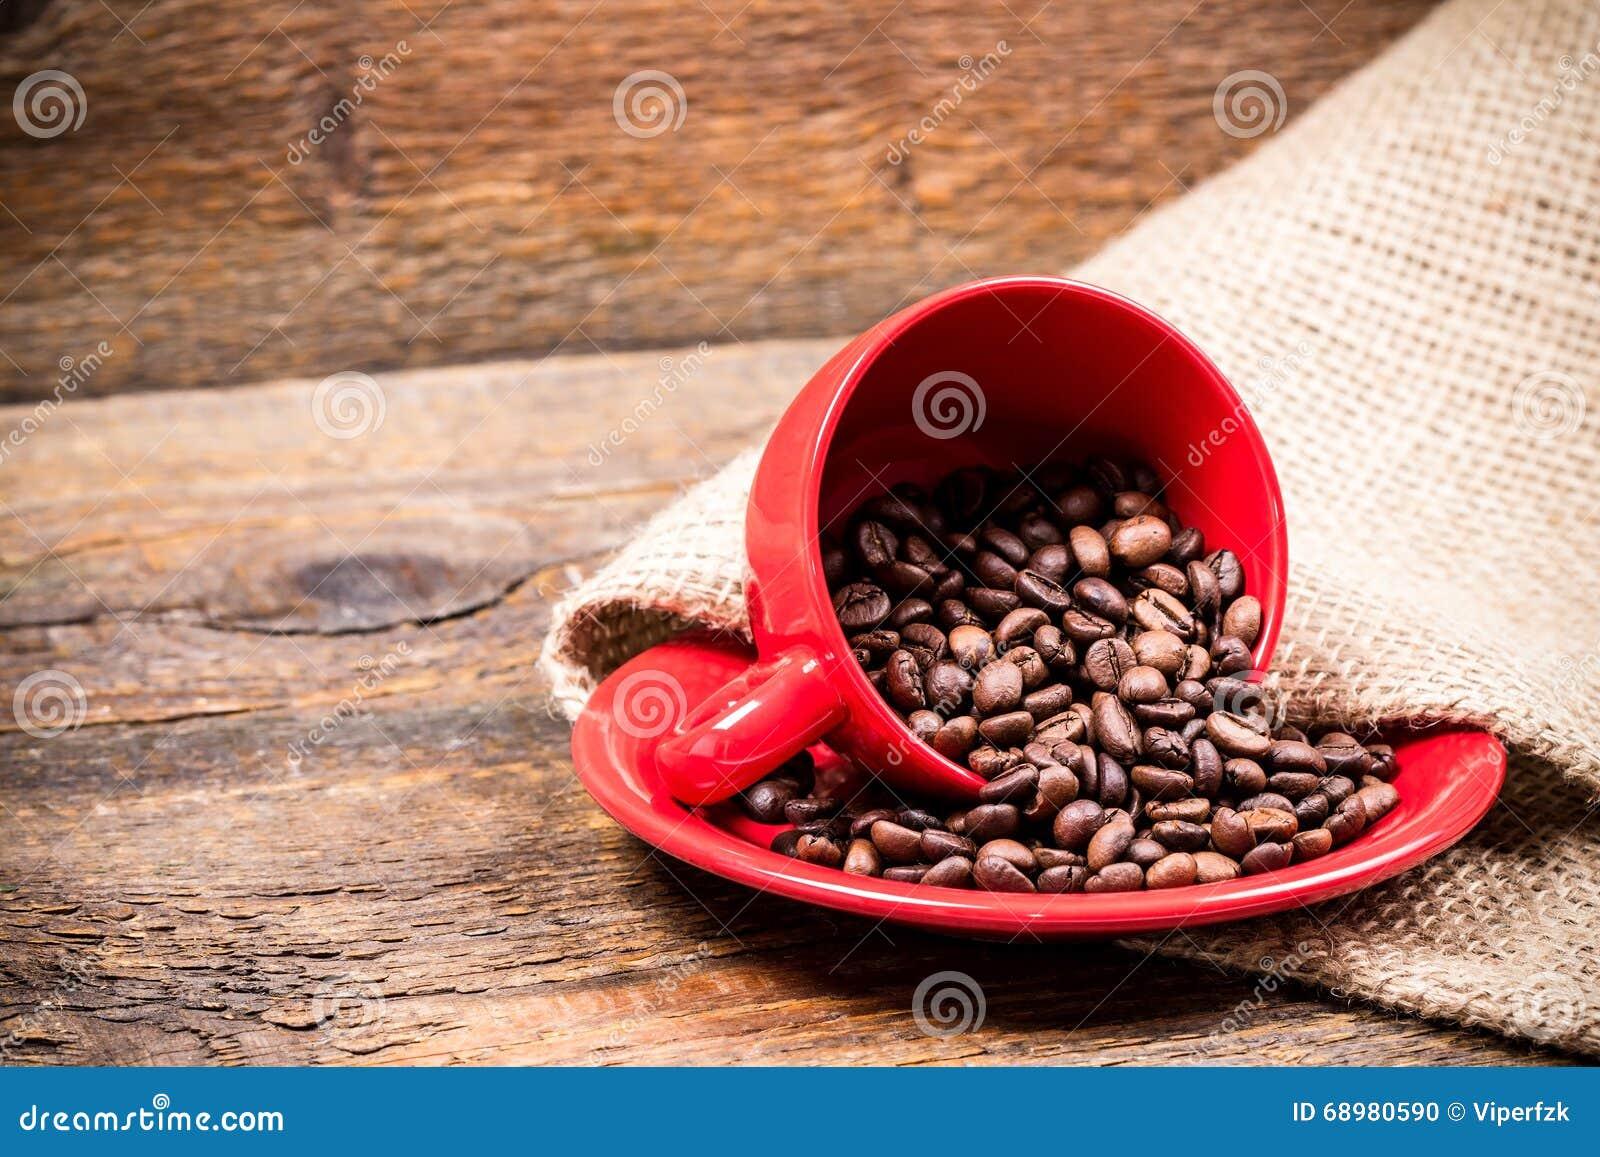 Coffeecup y placa rojos con los coffeebeans derramados